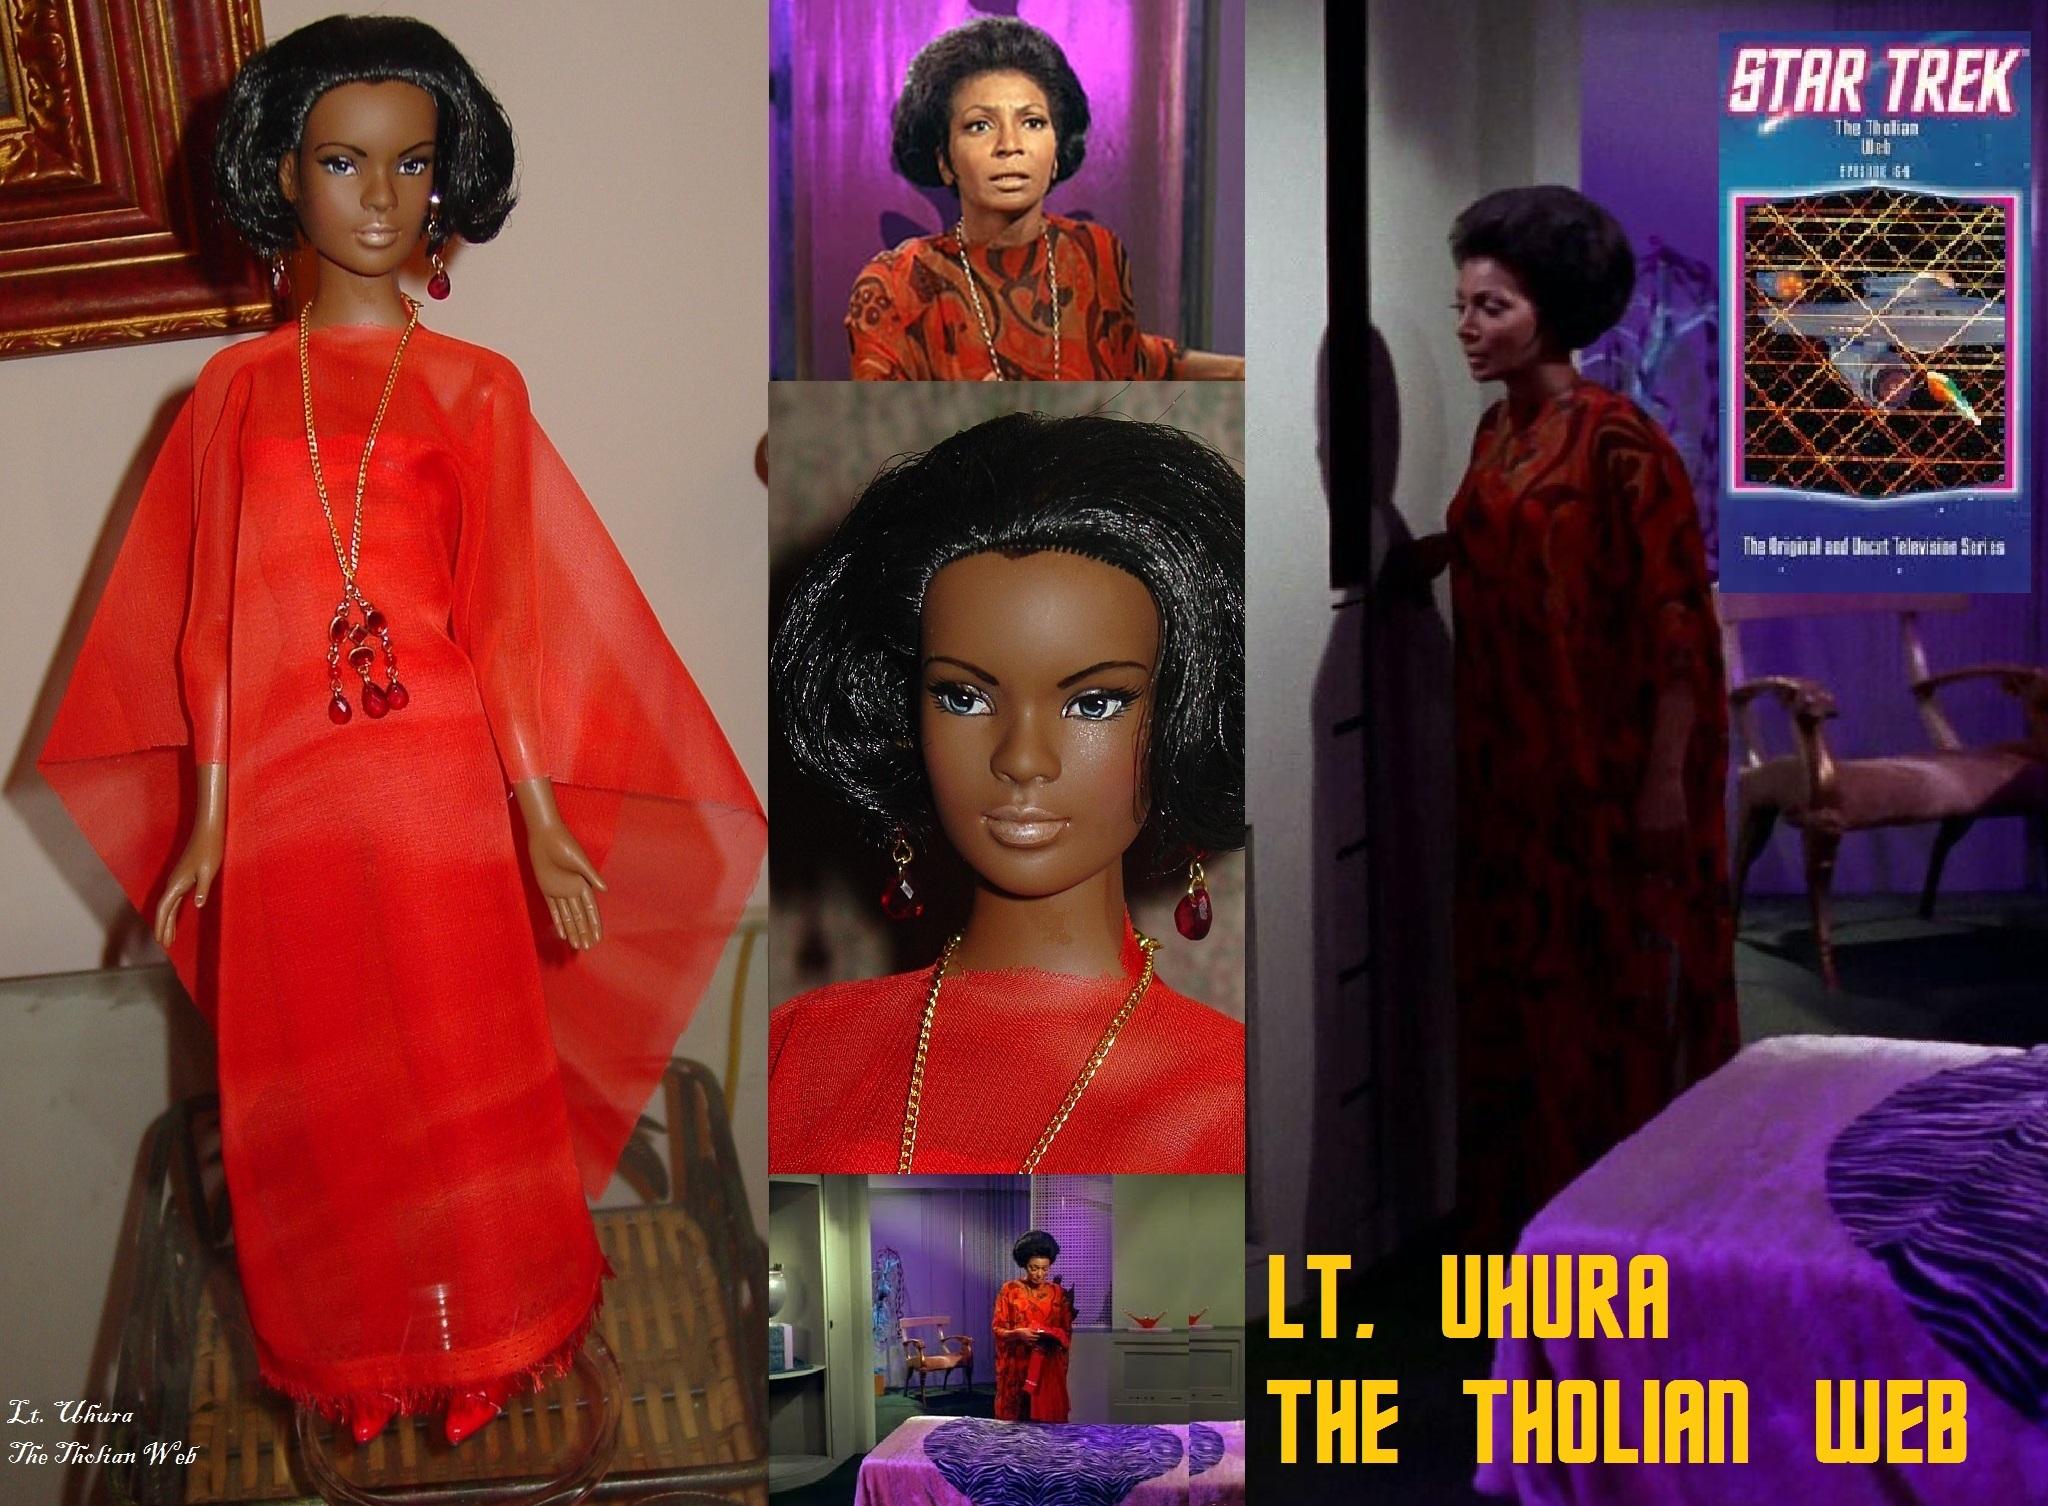 Uhura, The Tholian Web